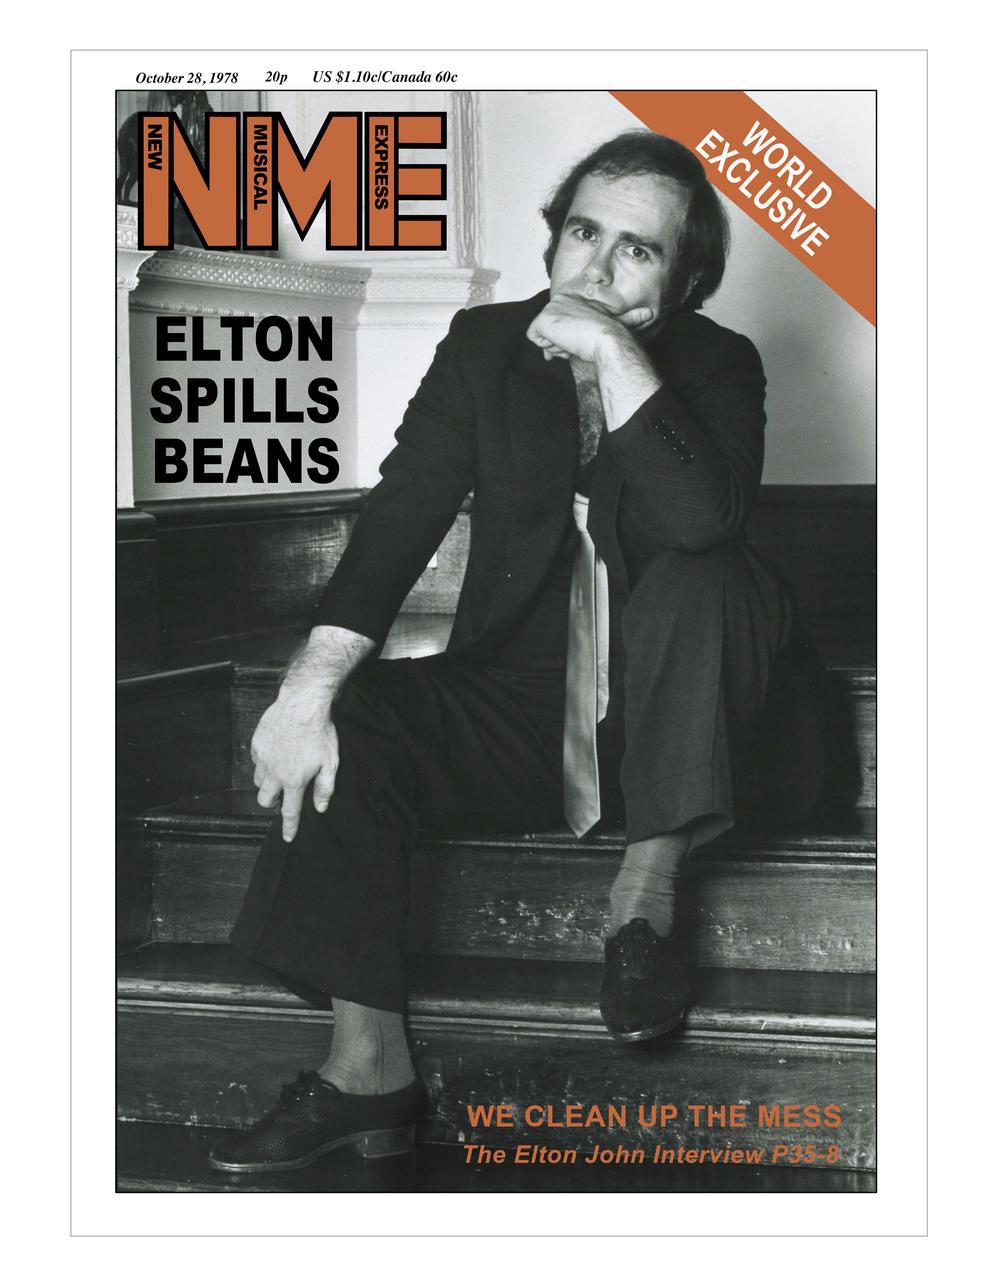 elton john NME cover catalog.jpg